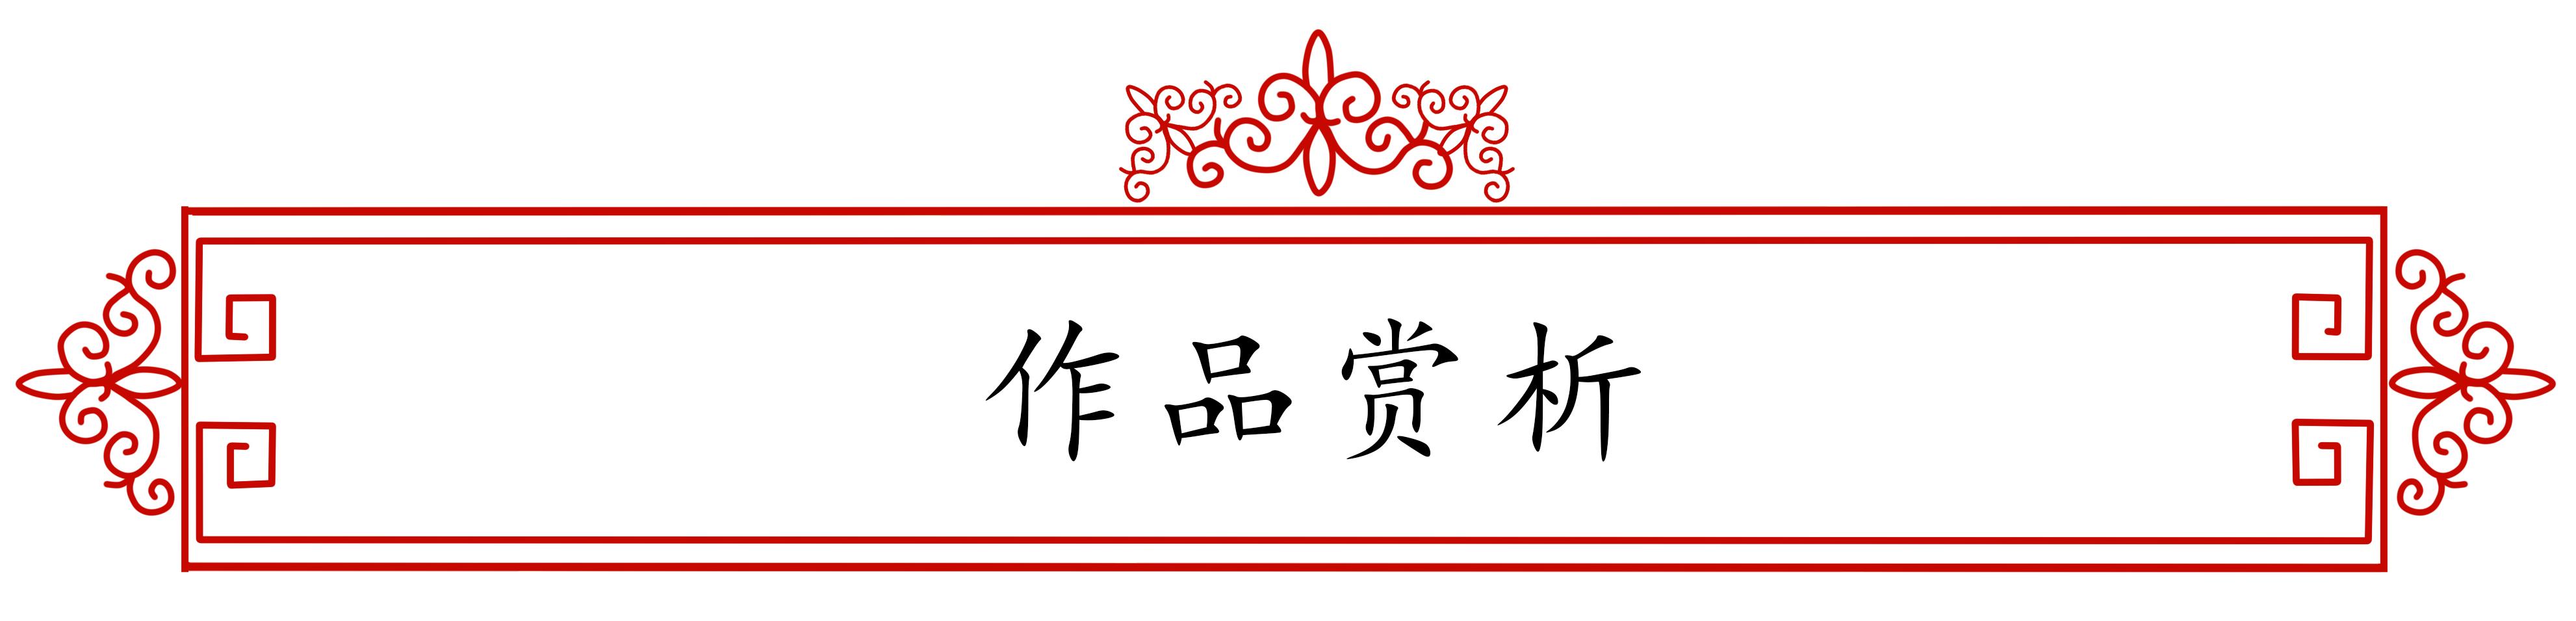 """""""文襄两会,艺颂国是""""——「全国两会」倾听文艺的声音(十二)"""